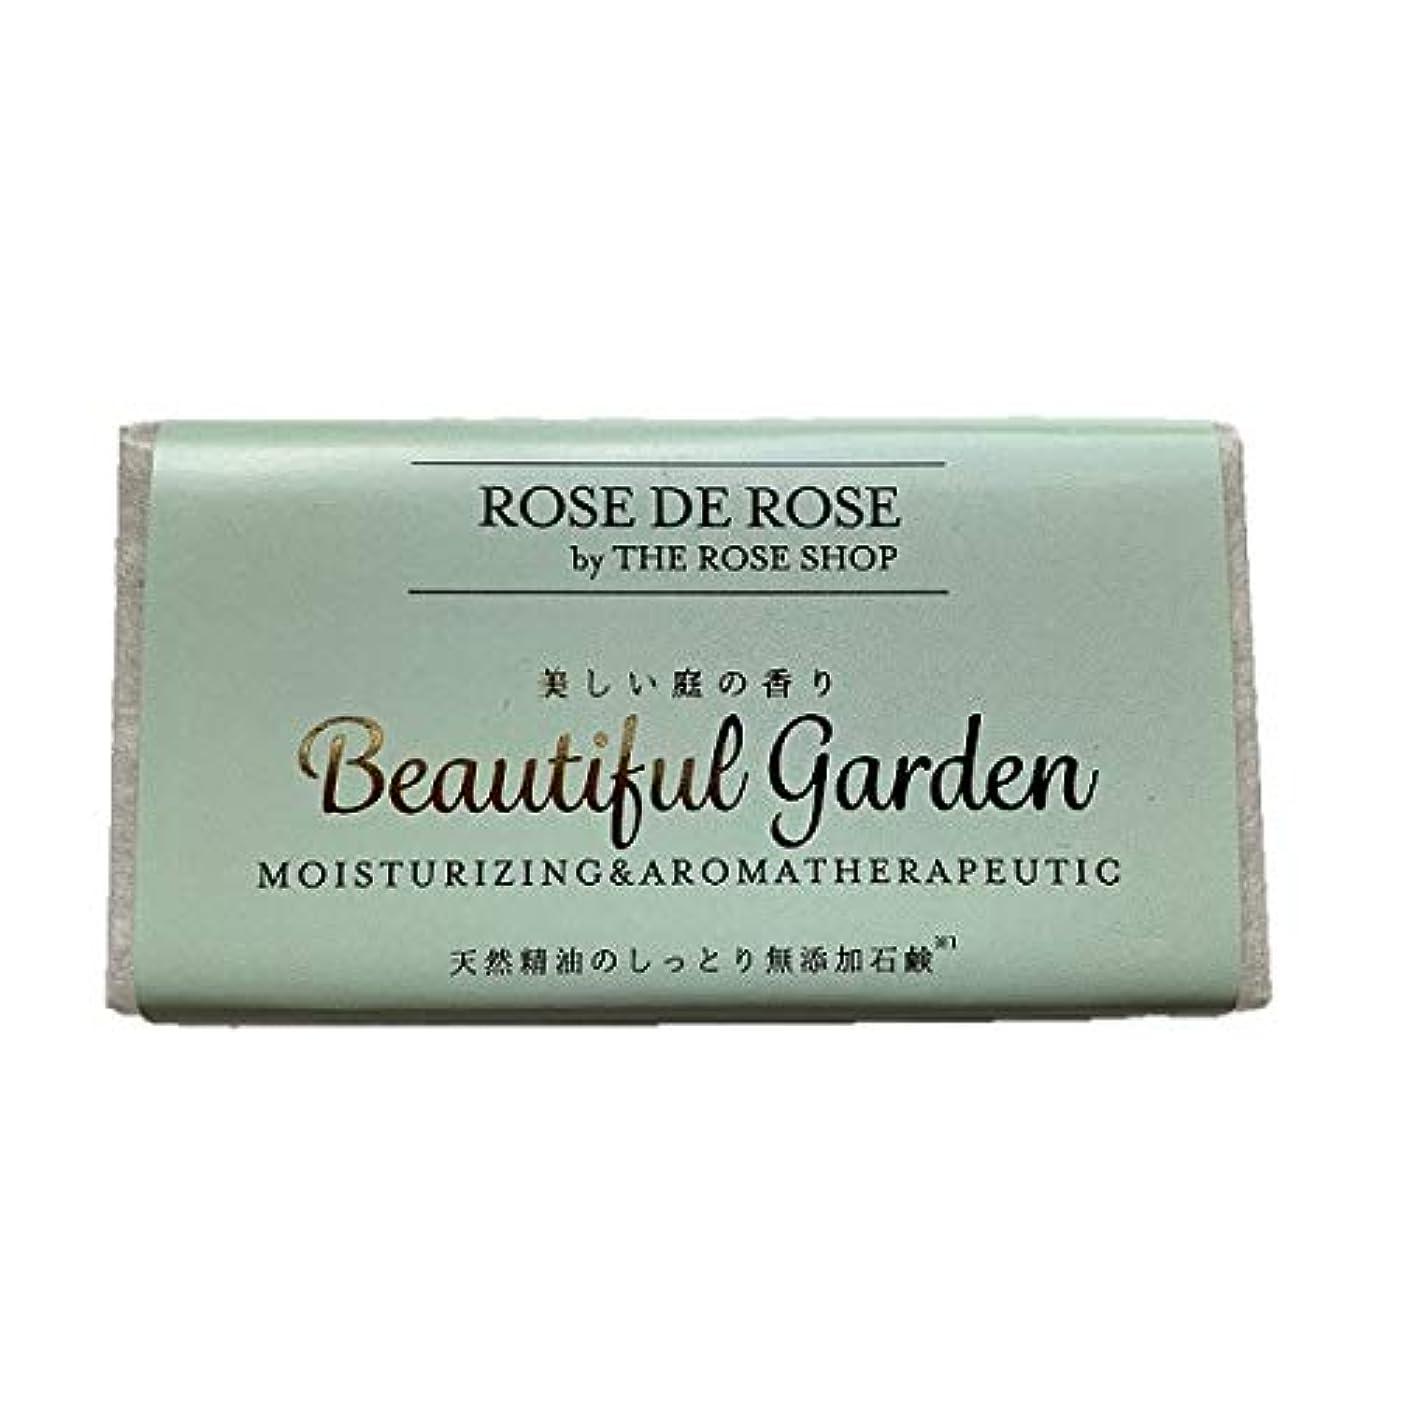 パンフレット会計士オート天然精油の無添加石鹸 「美しい庭の香り ビューティフルガーデン」